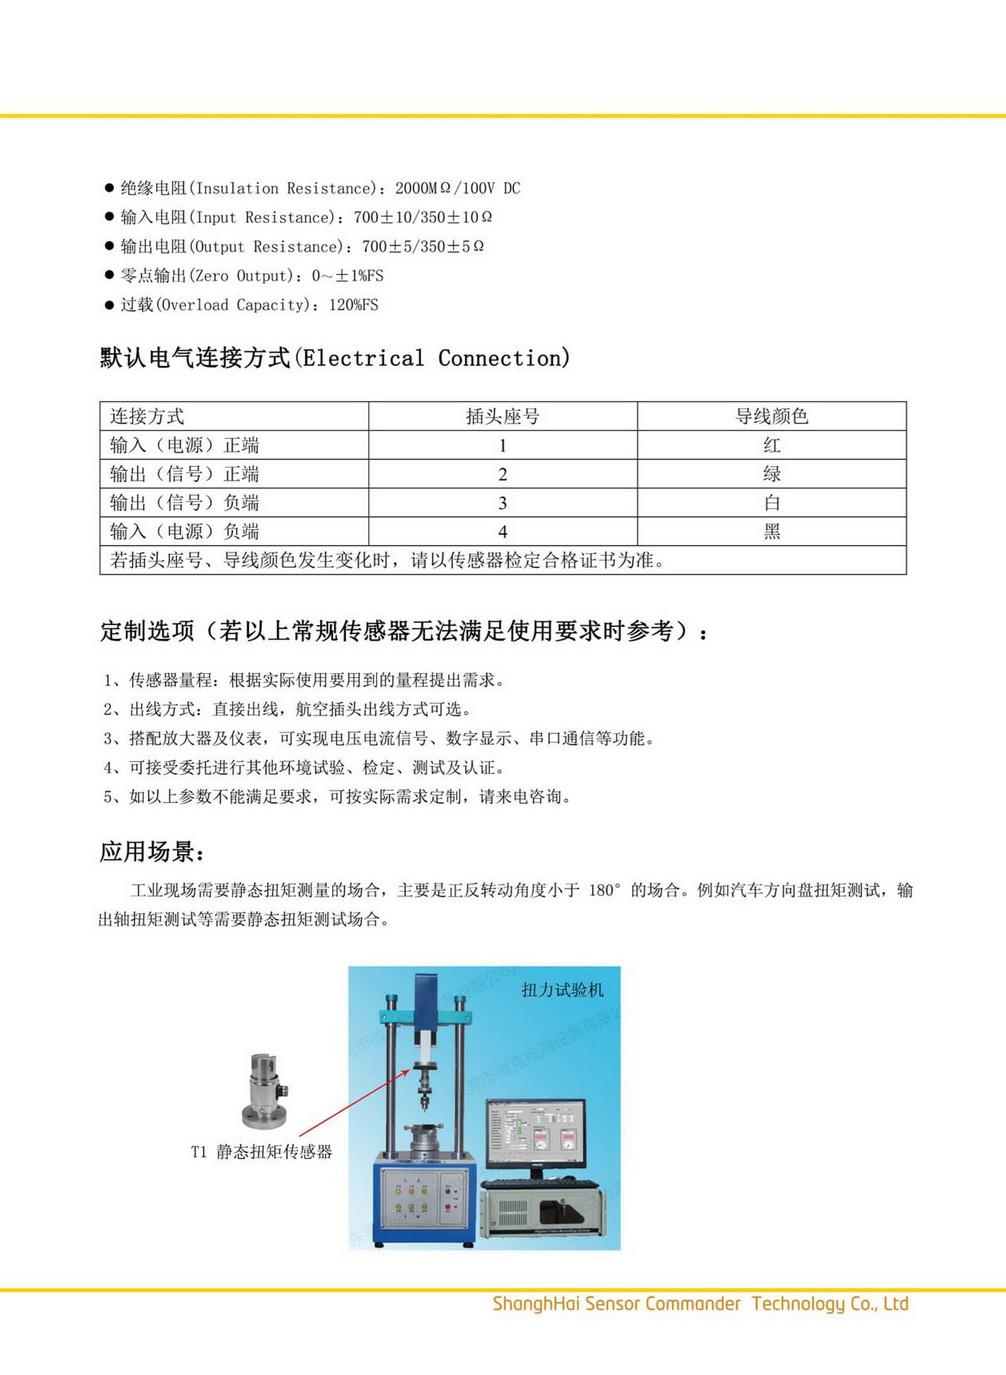 尚测科技产品选型手册 V1.3_页面_14_调整大小.jpg